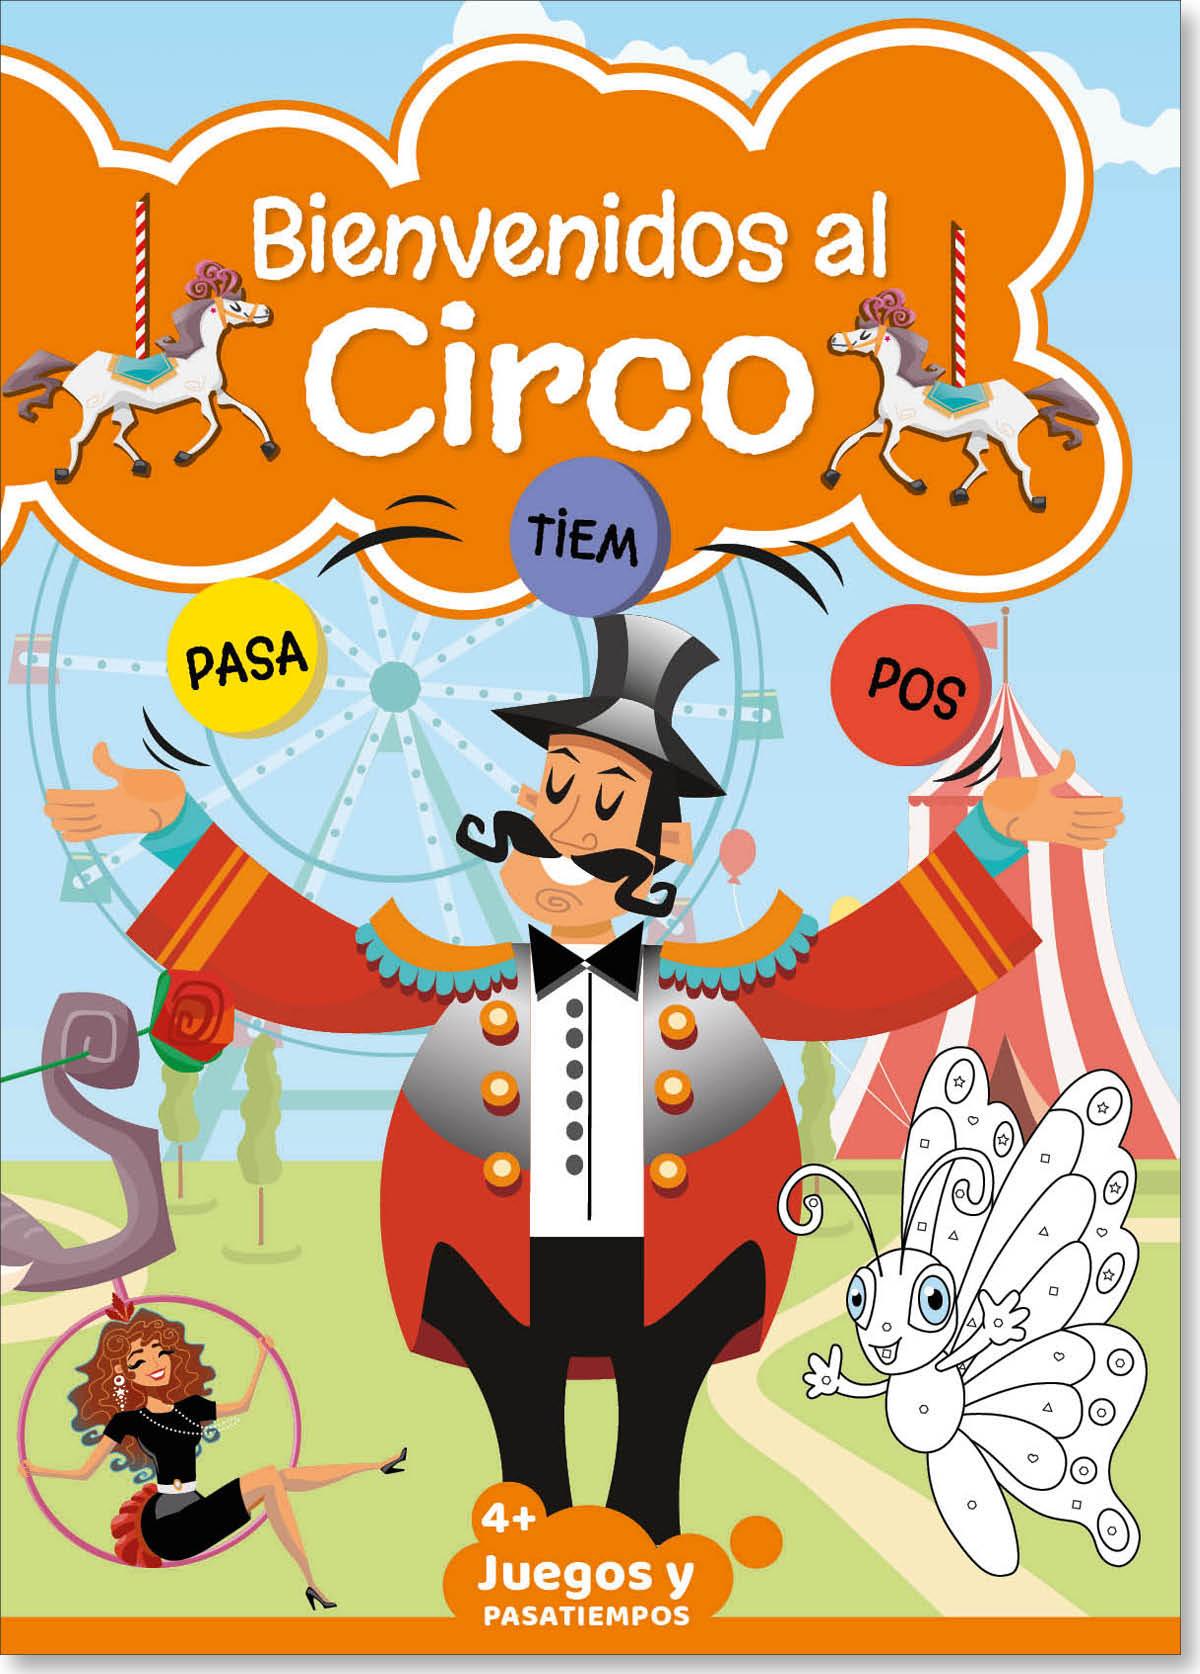 Bienvenidos al Circo vol2